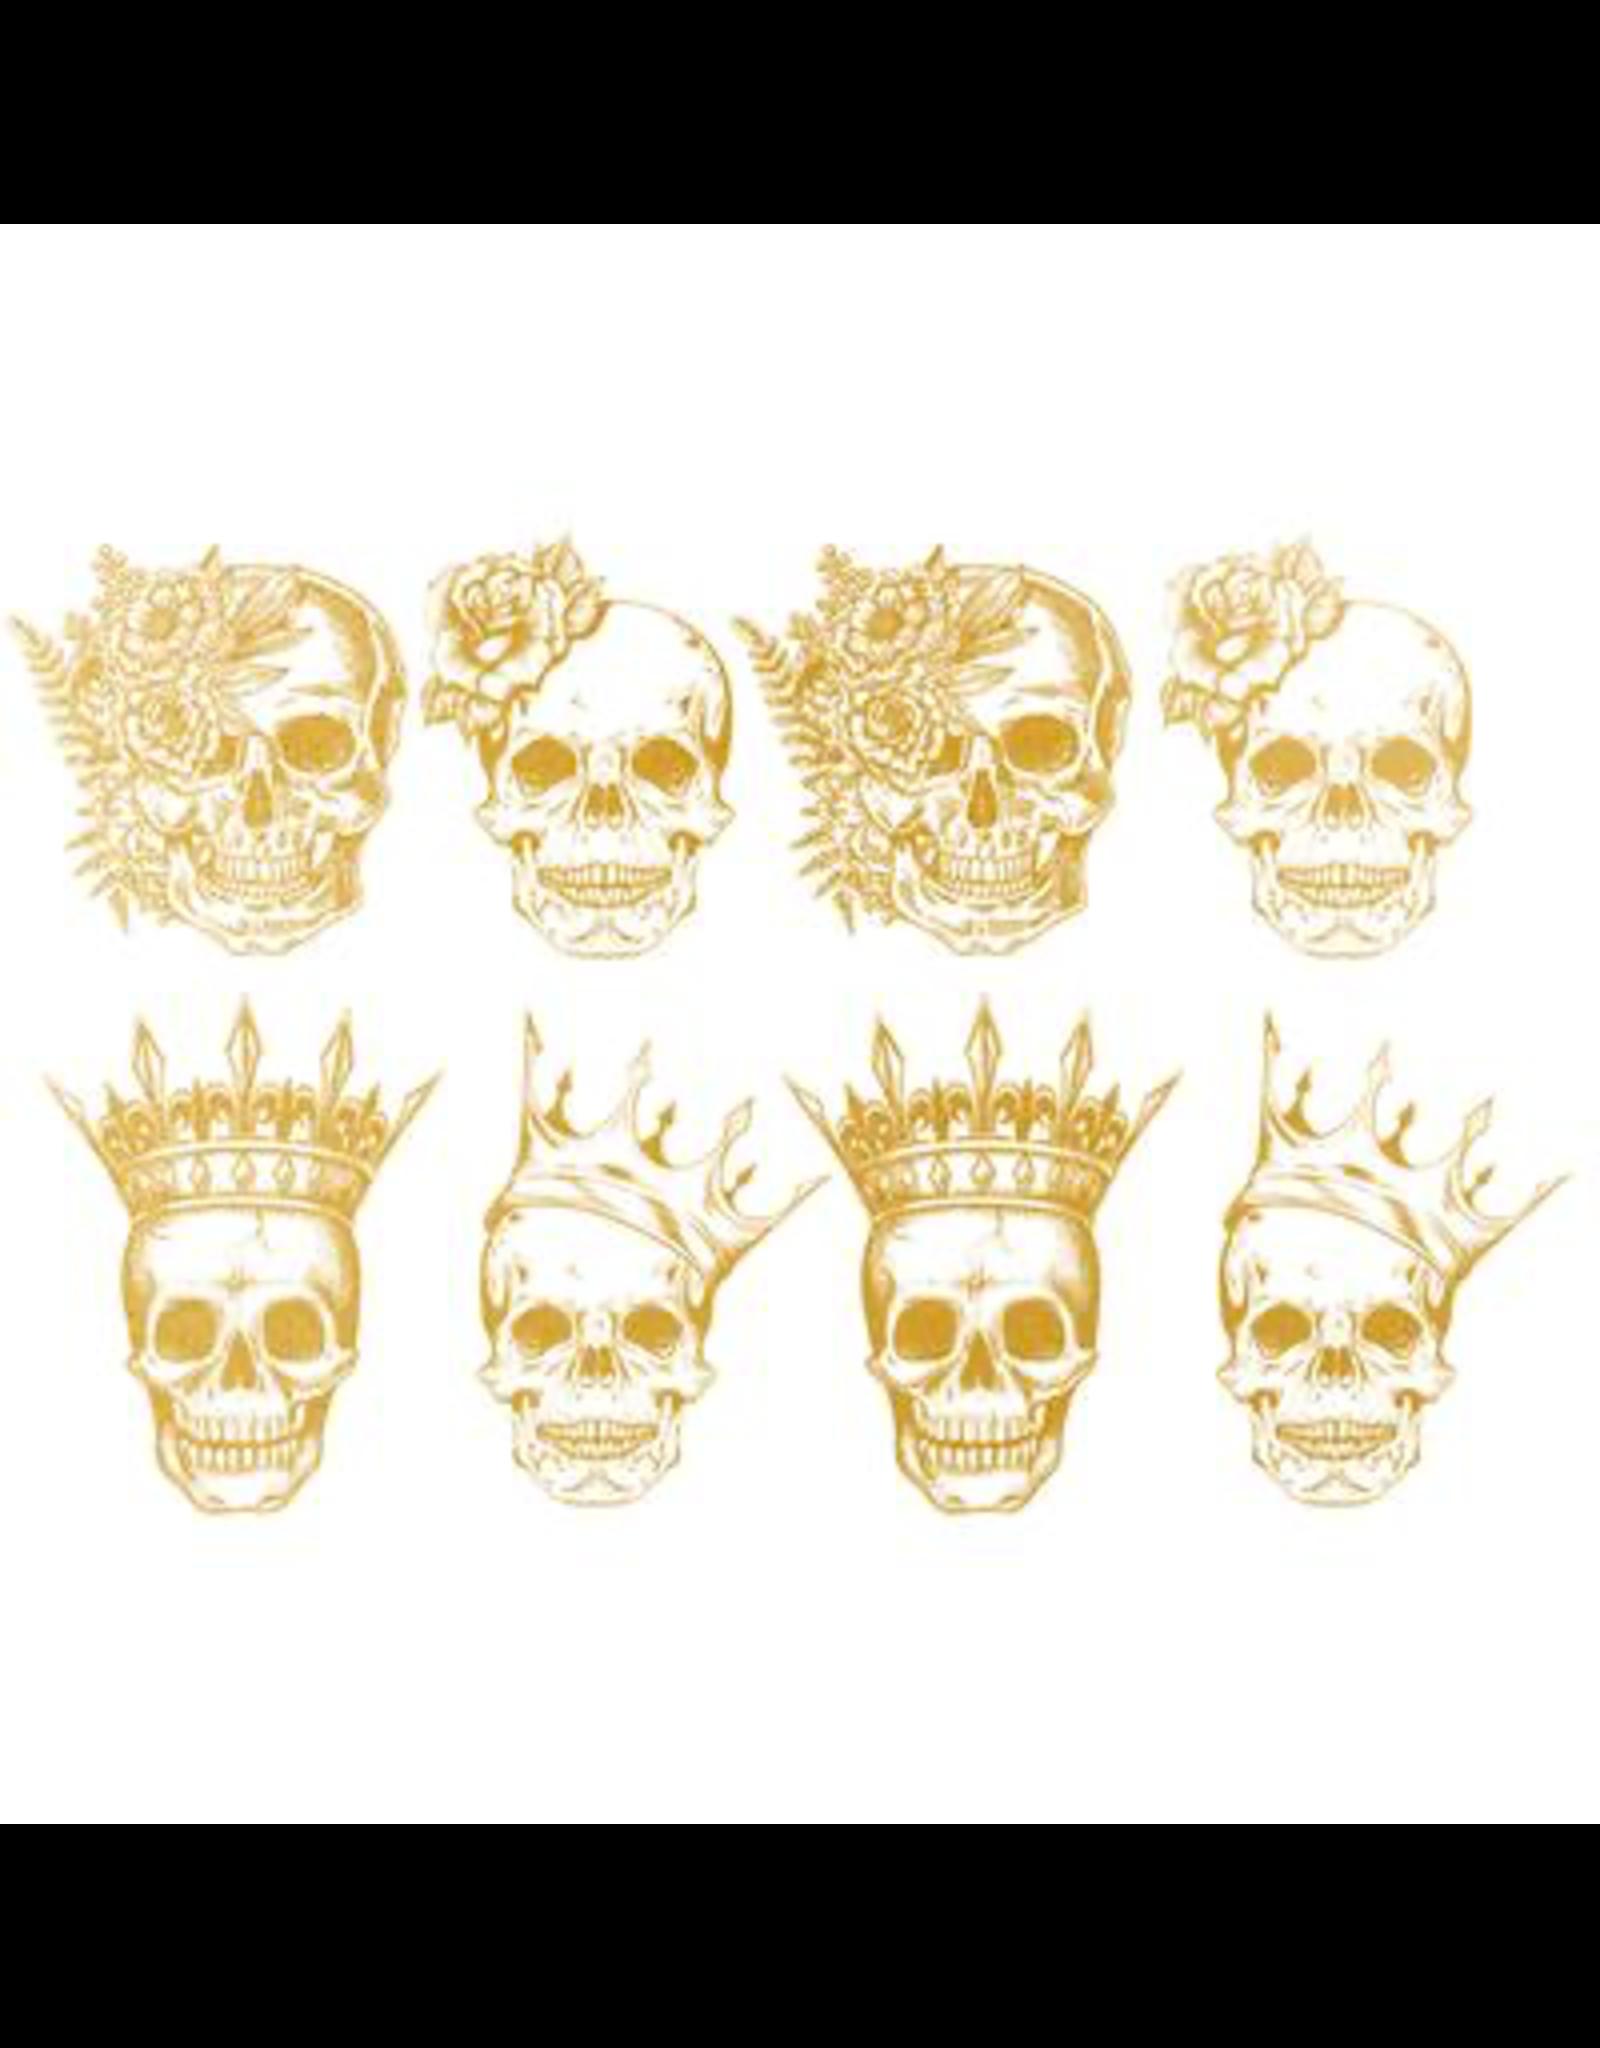 Sanbao Gold Skull King & Queen